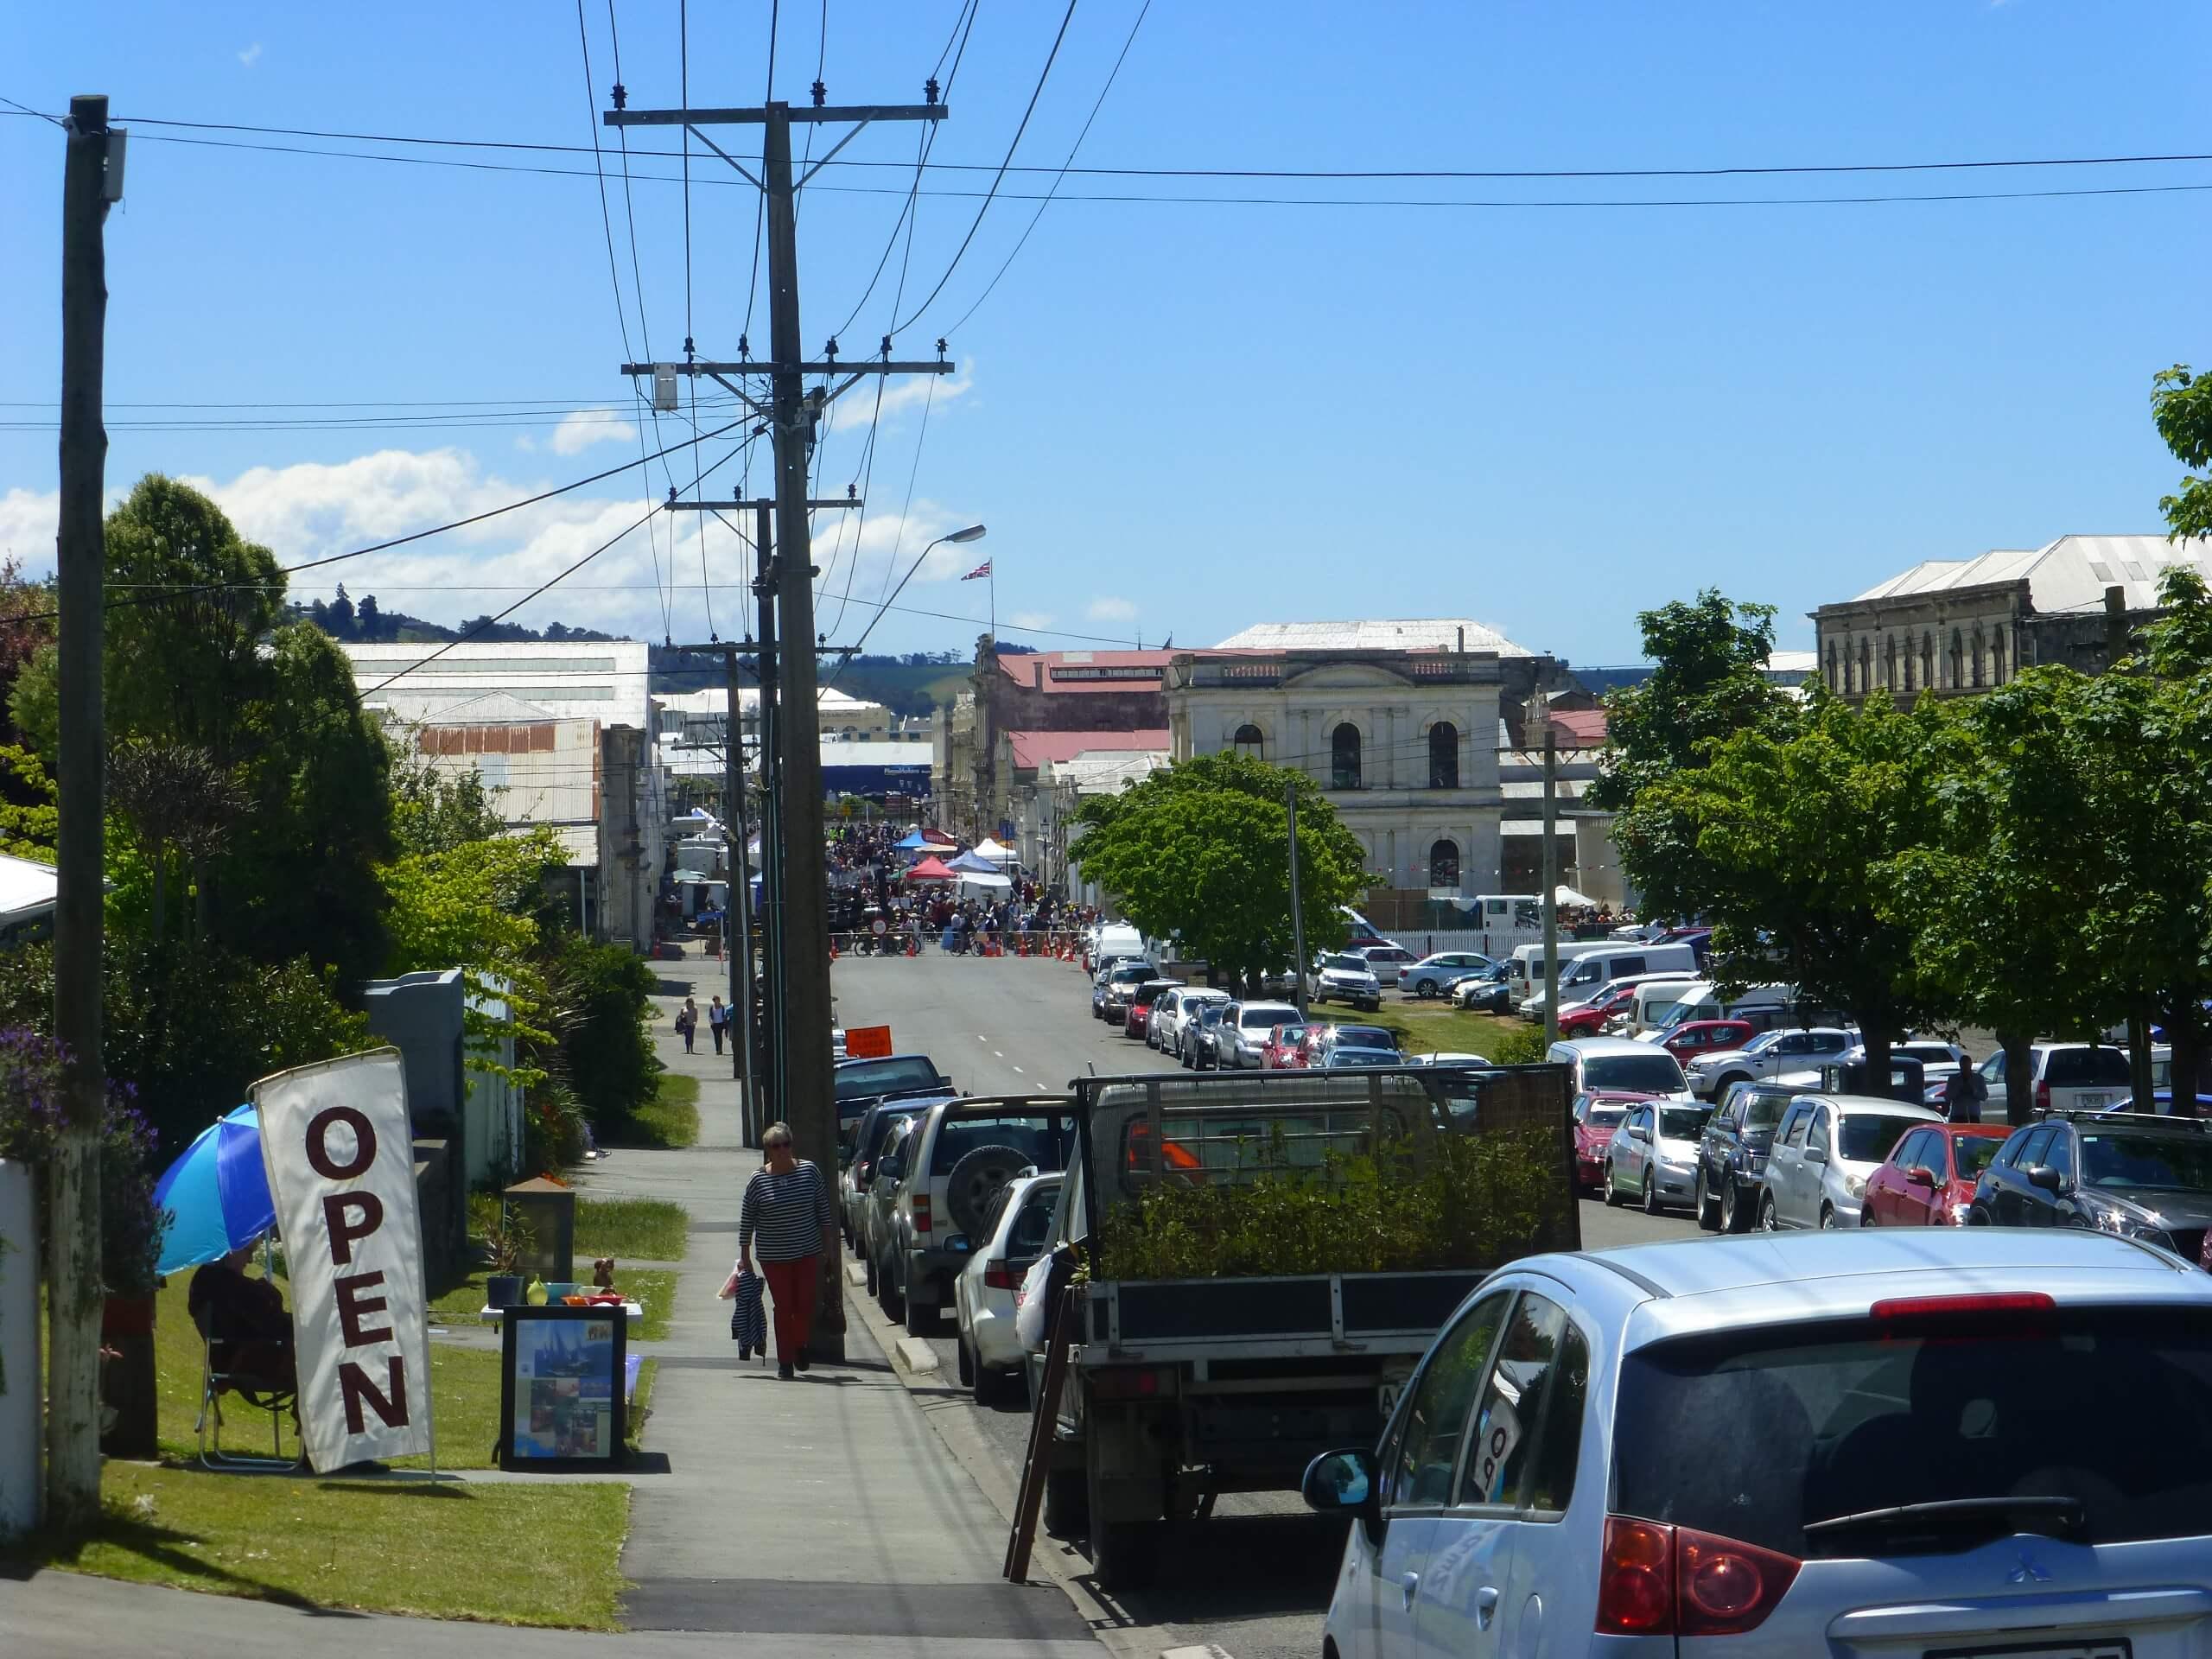 Auf dem Weg zum Viktorian Festival in Oamaru 2